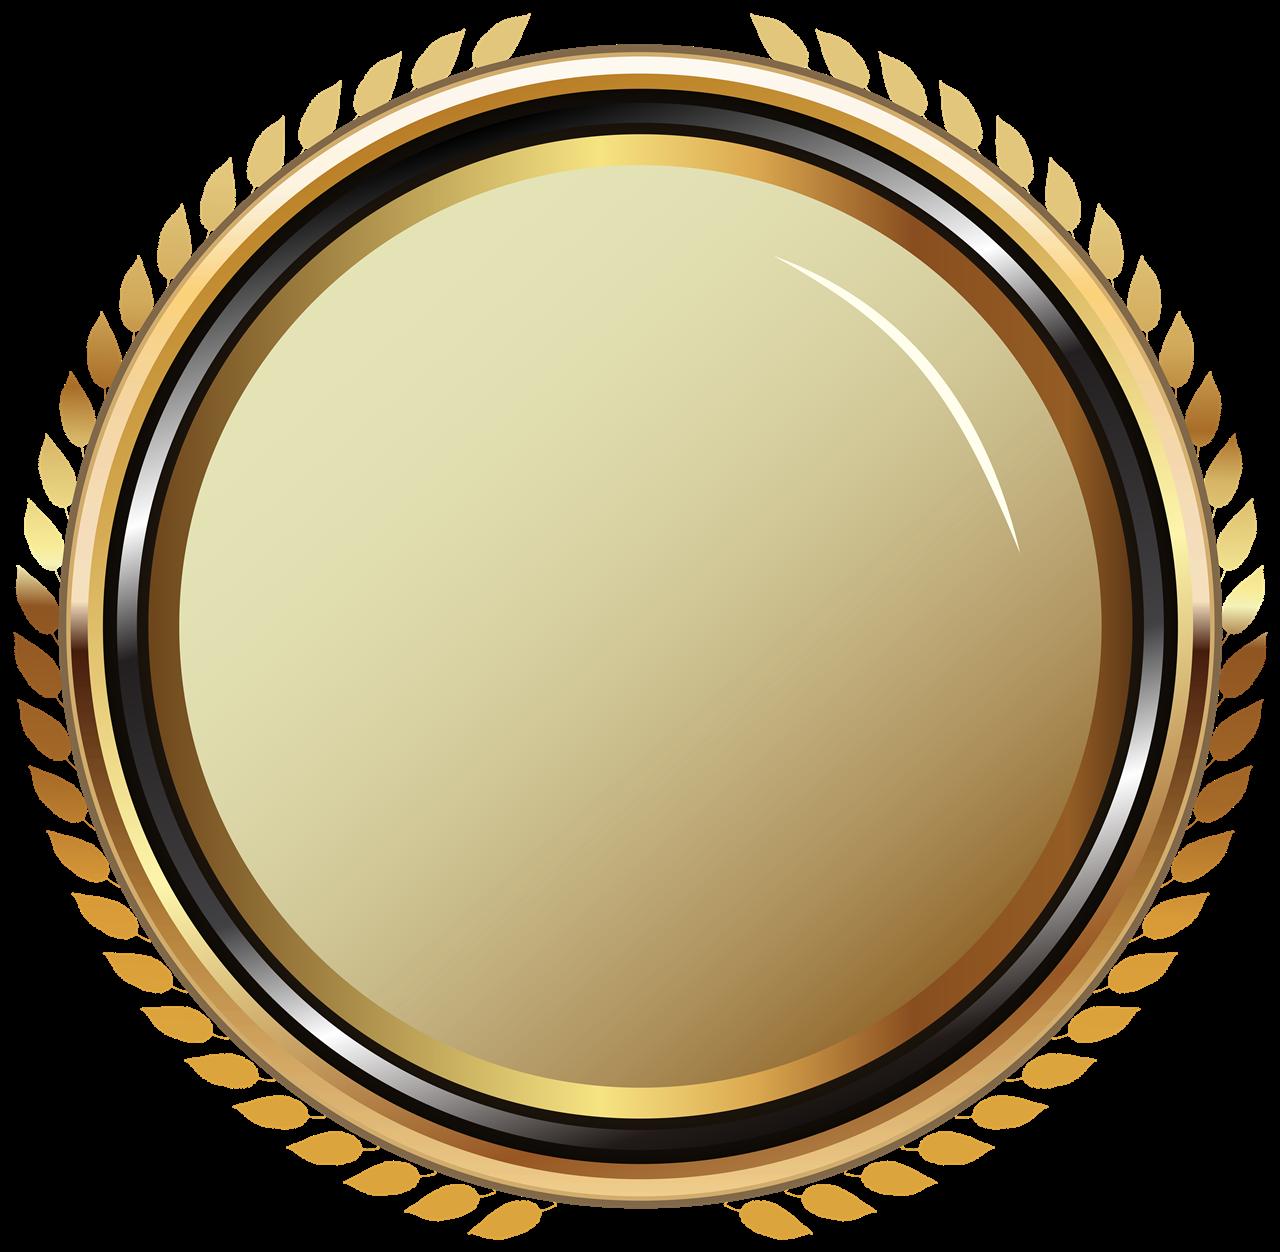 Golden Badge PNG Image Background.